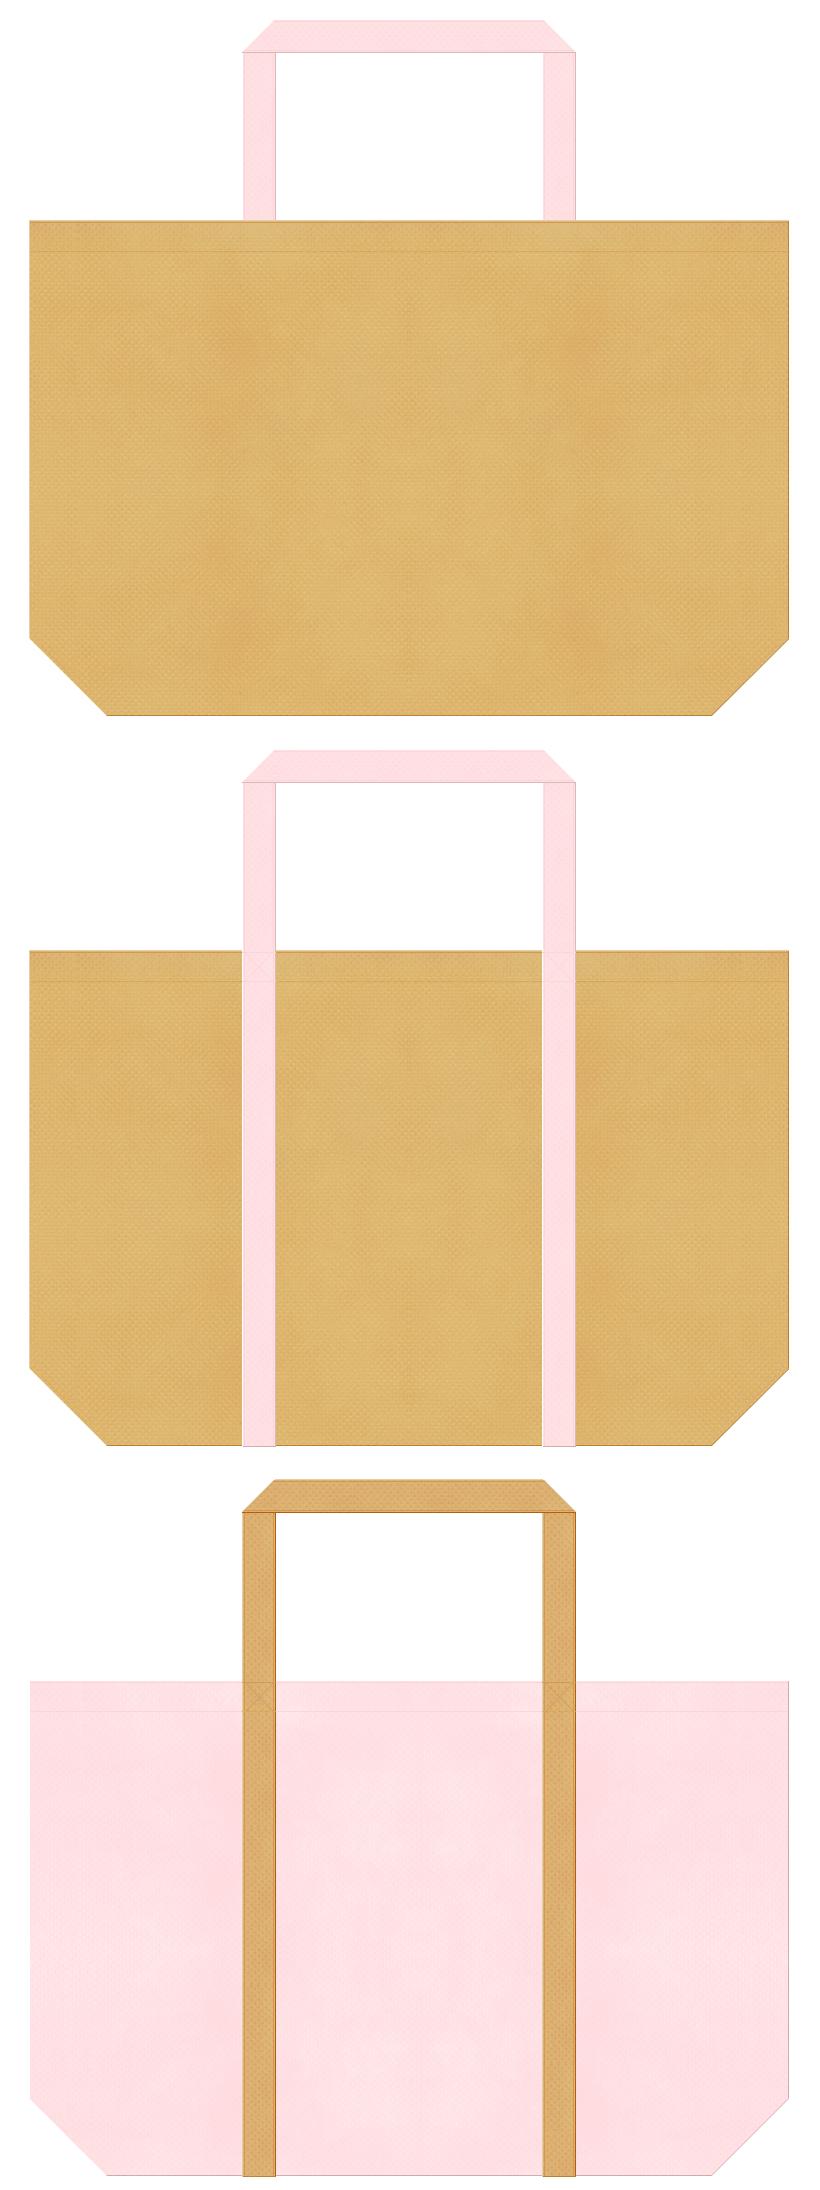 薄黄土色と桜色の不織布バッグデザイン。ペットショップ・動物病院のノベルティにお奨めです。